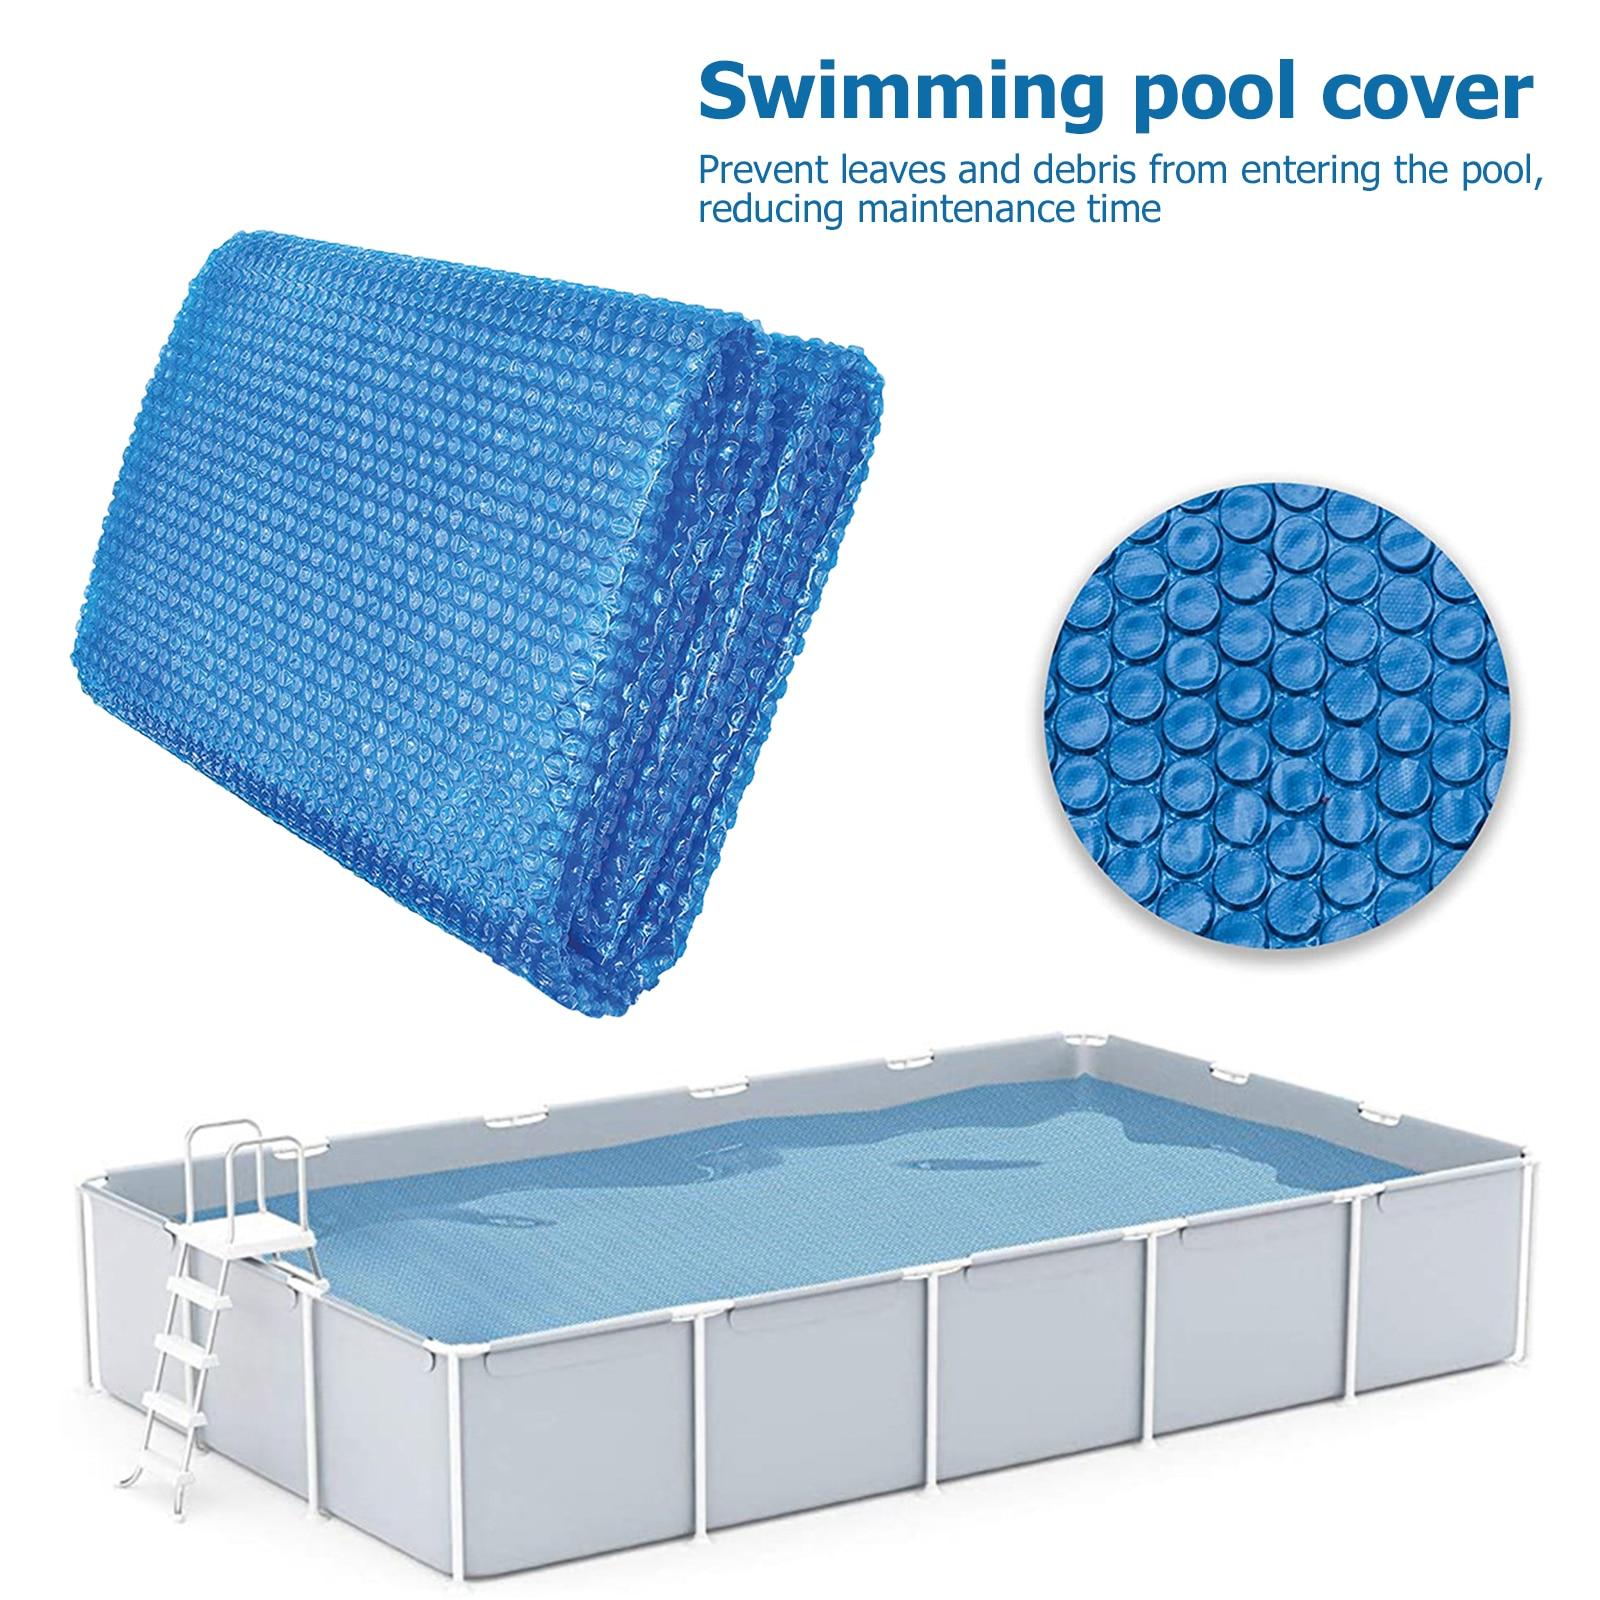 Крышка для бассейна, квадратное солнечное одеяло для бассейна, изоляционная пленка, пыленепроницаемые наружные летние крышки для бассейна